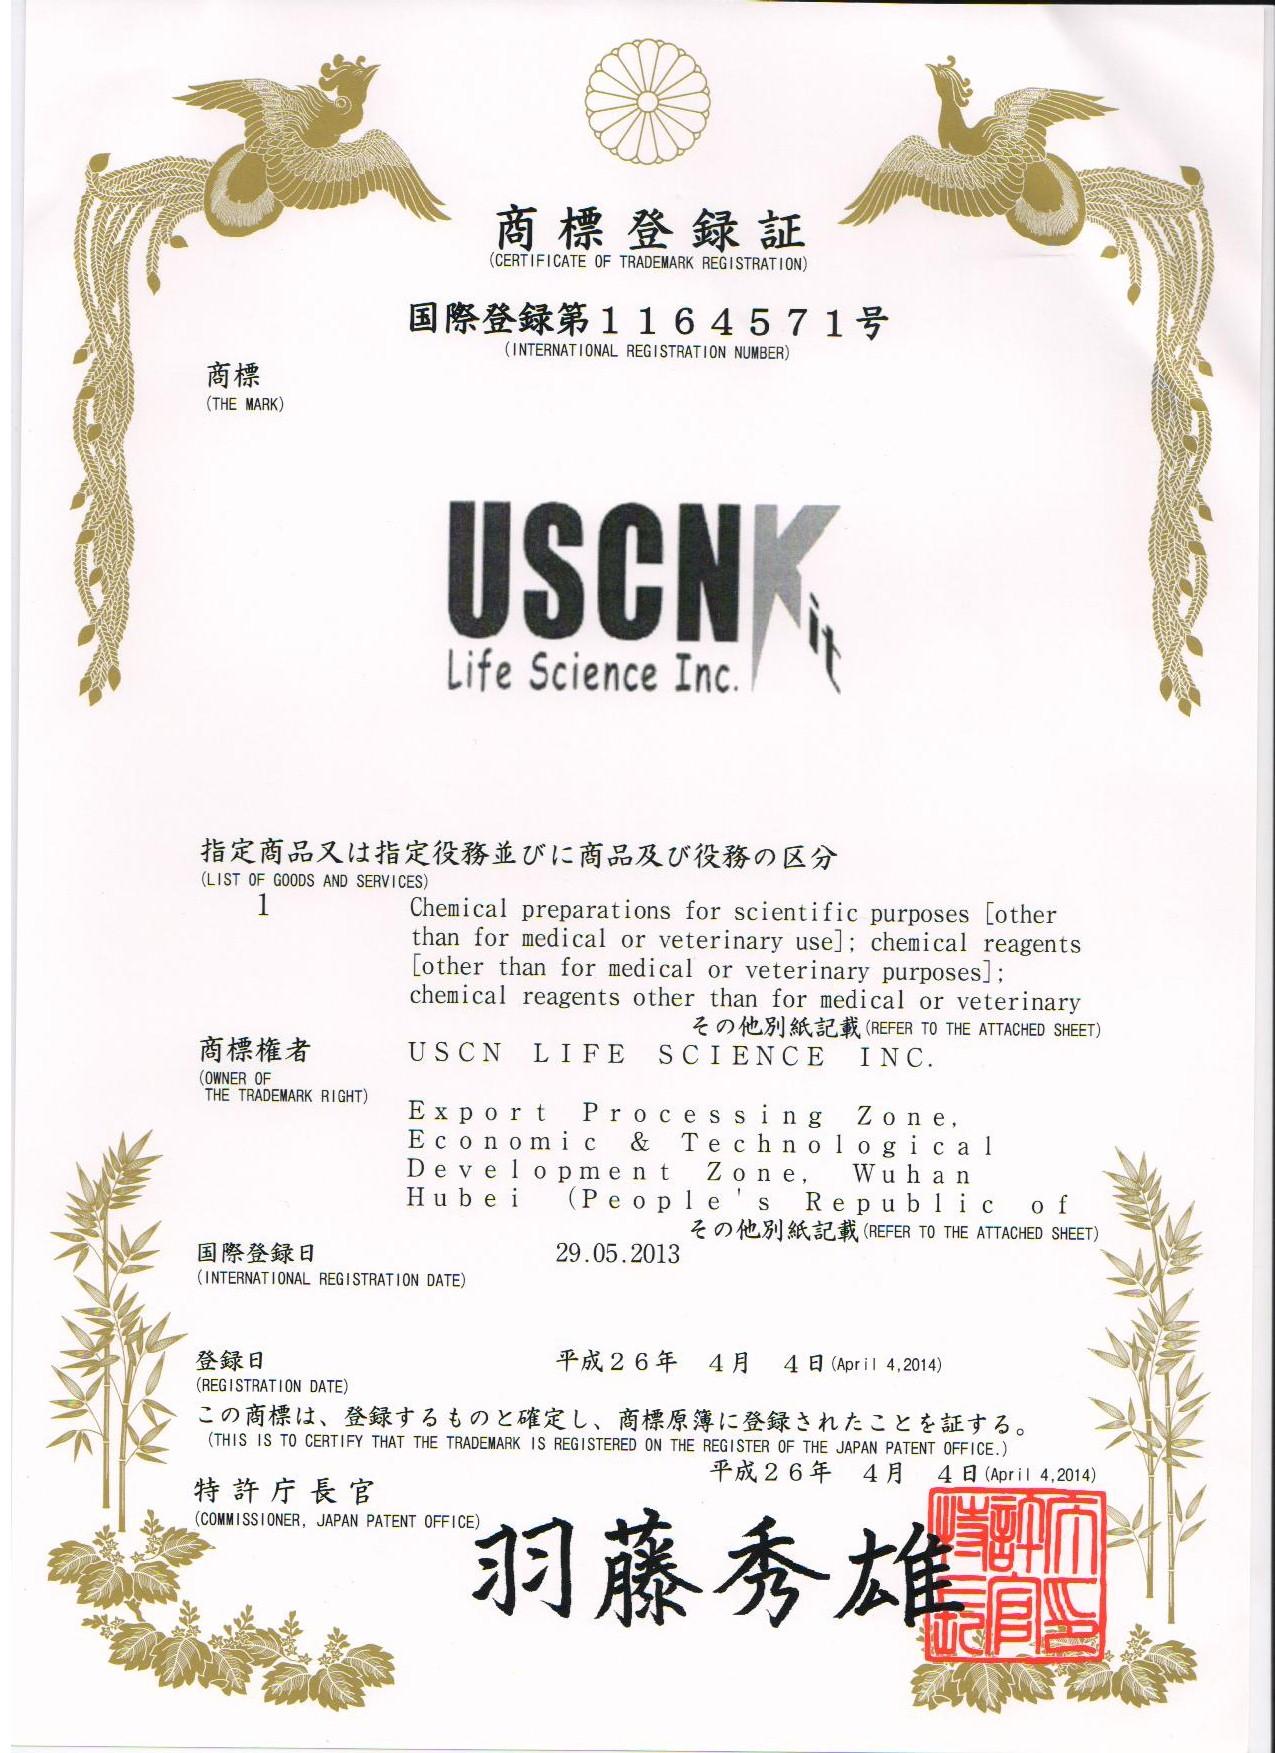 USCNK日本《商标注册证》